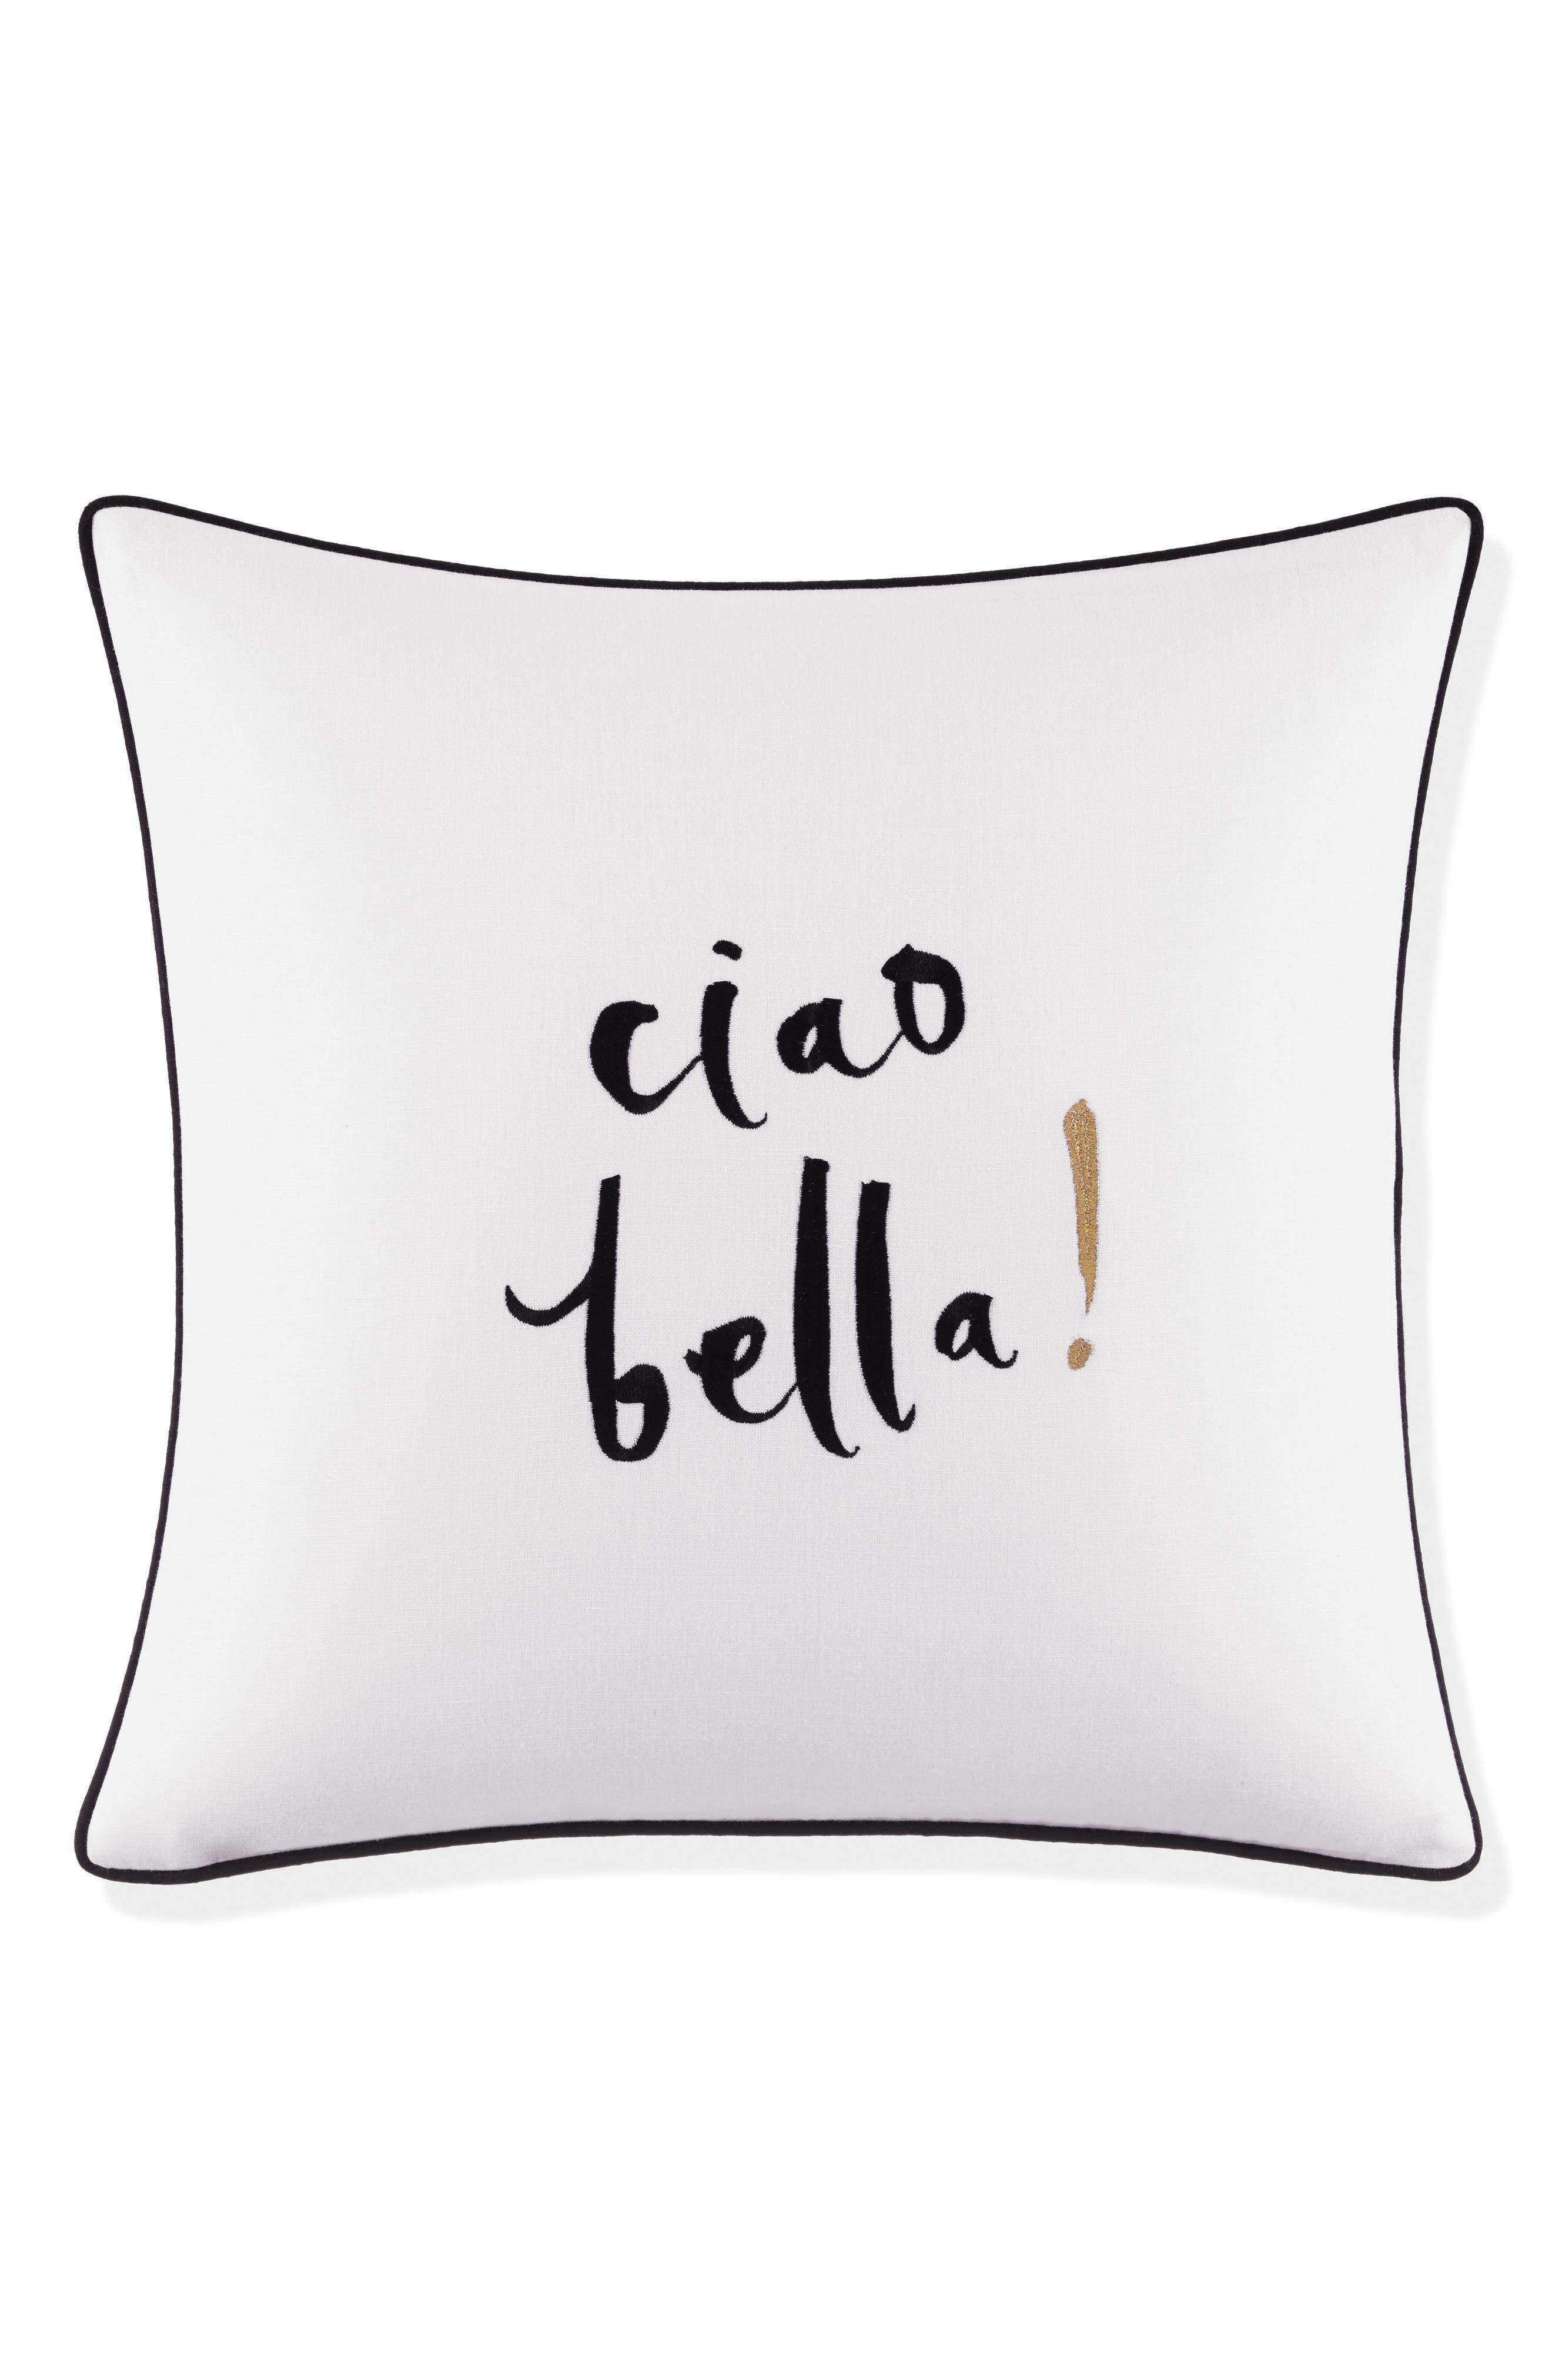 kate spade new york ciao bella pillow